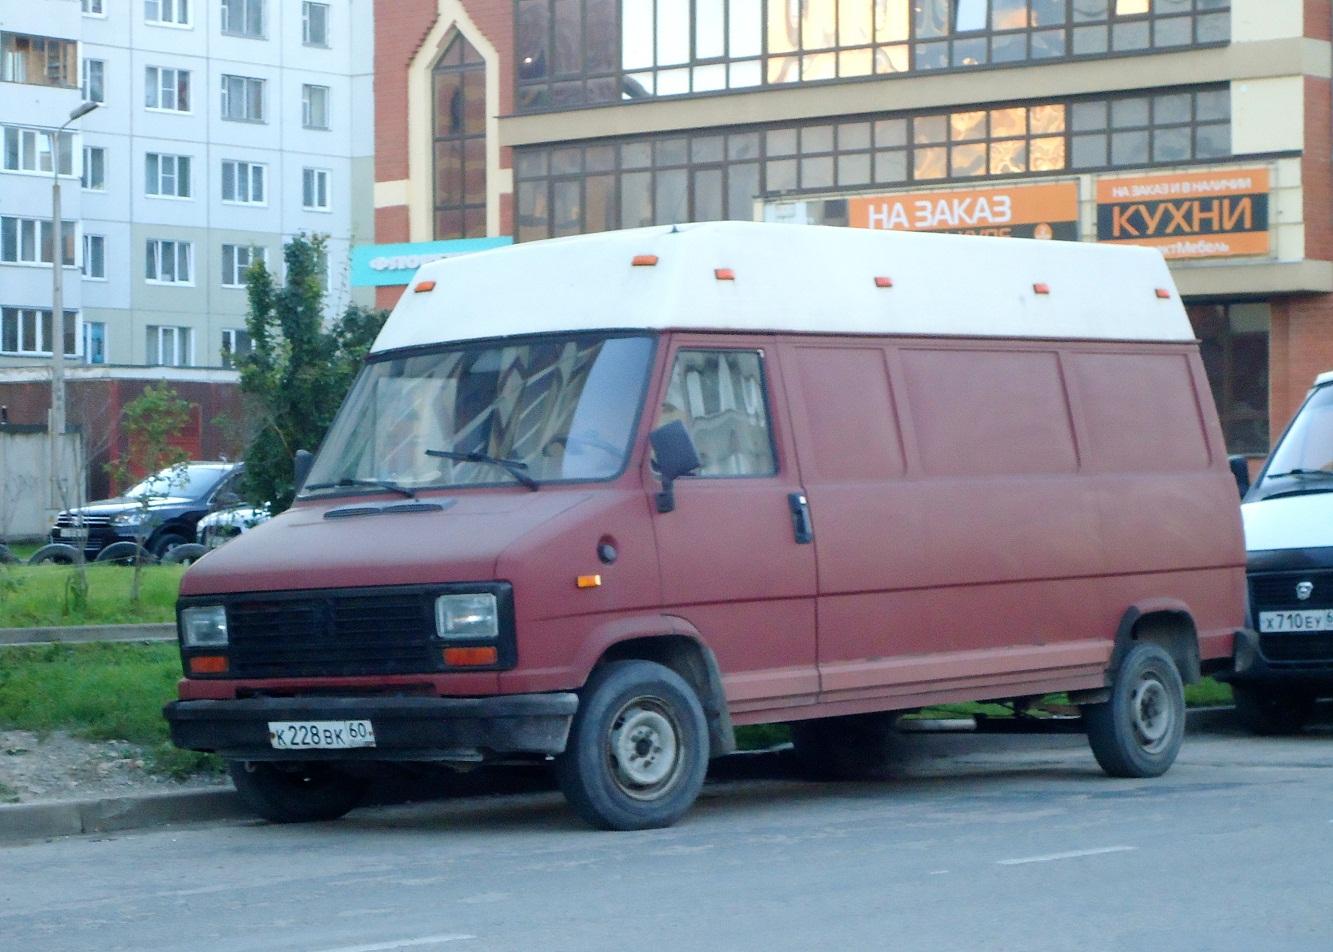 Цельнометаллический фургон Peugeot J5 #К 228 ВК 60. Псков, улица Рокоссовского